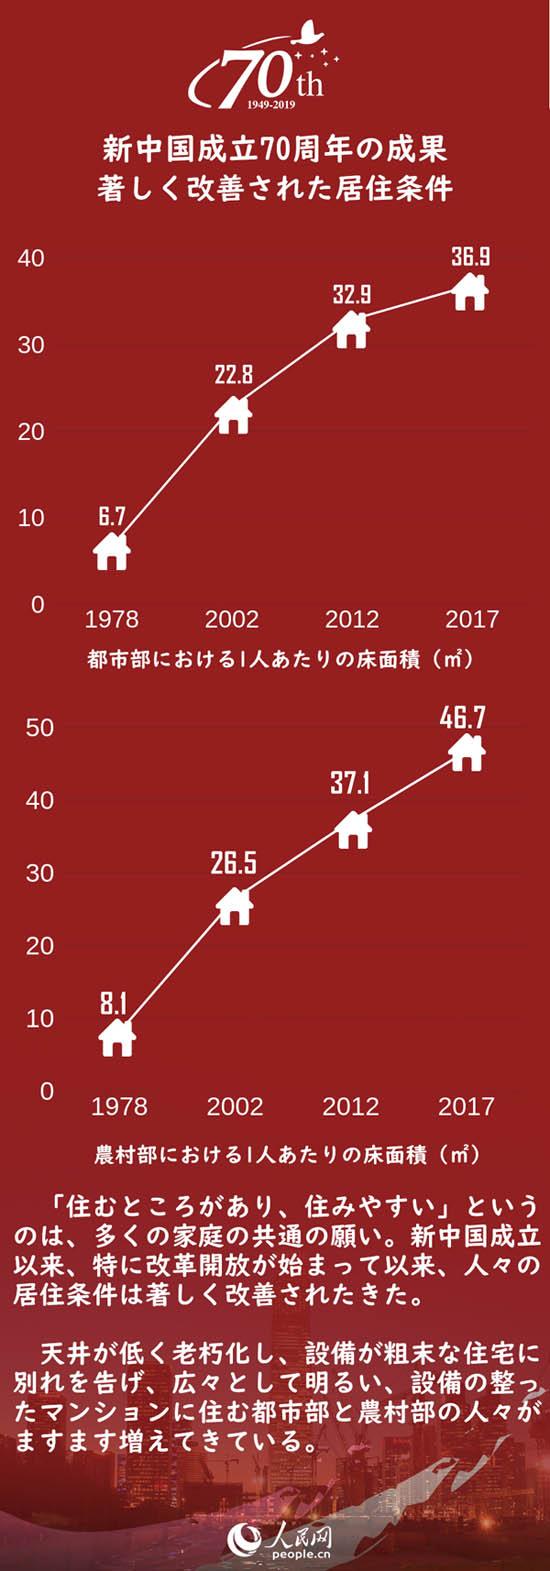 新中国成立70周年の成果 著しく改善された居住条件